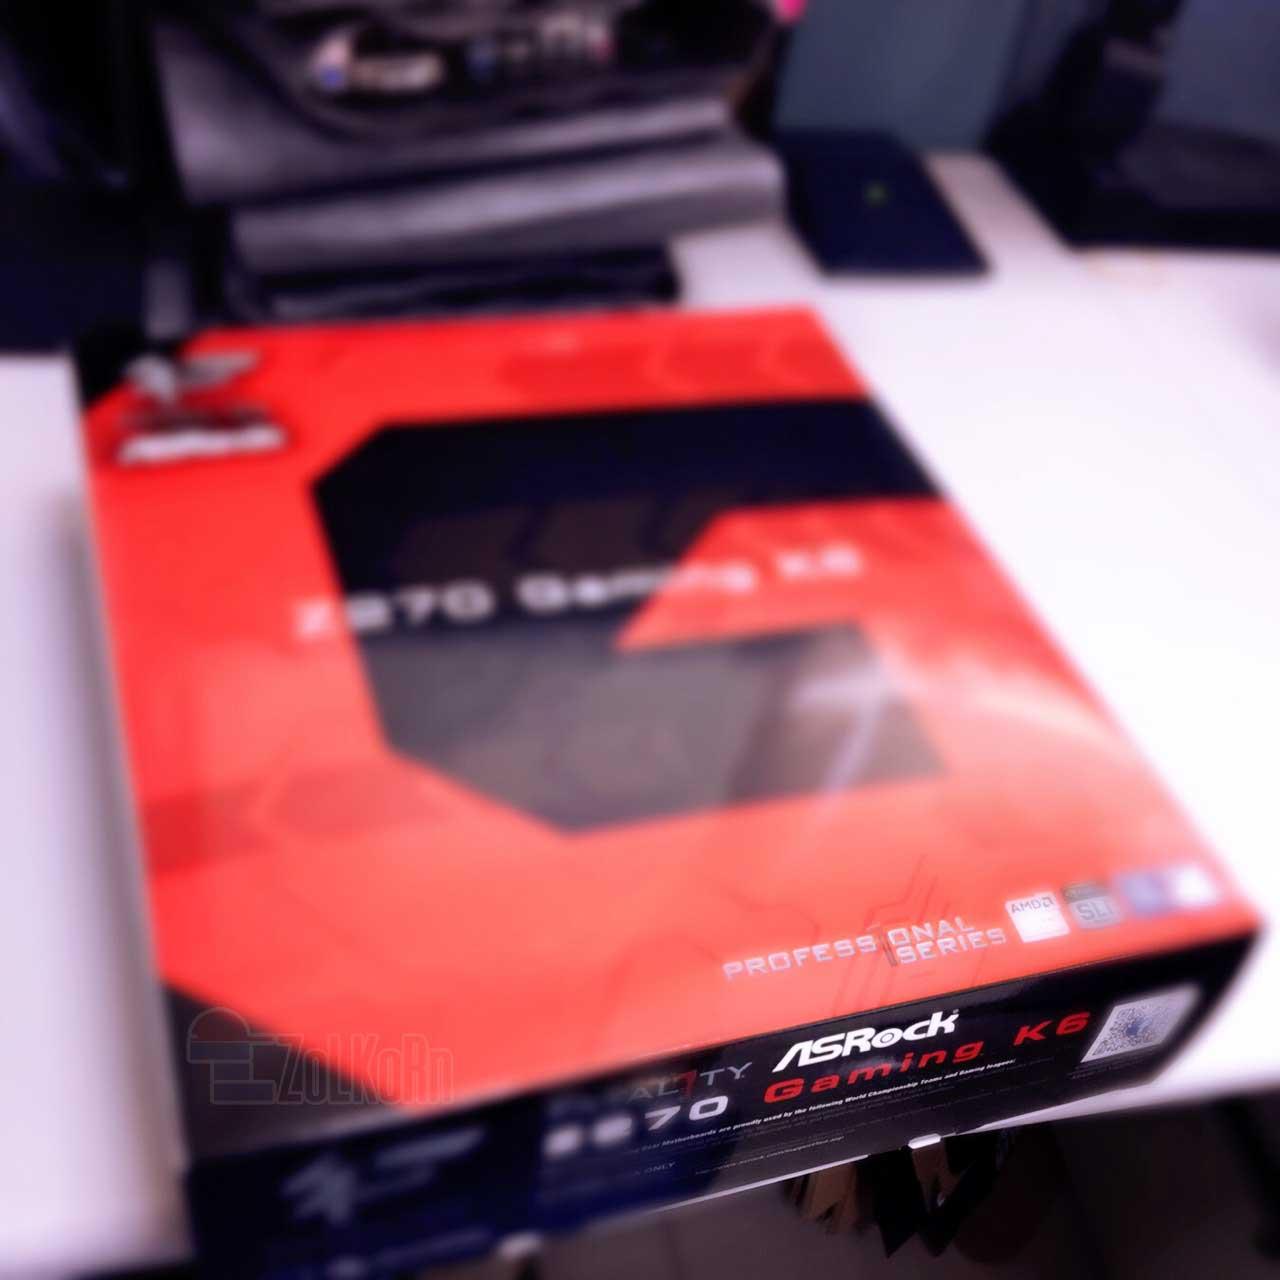 ASRock Z270 Gaming K6